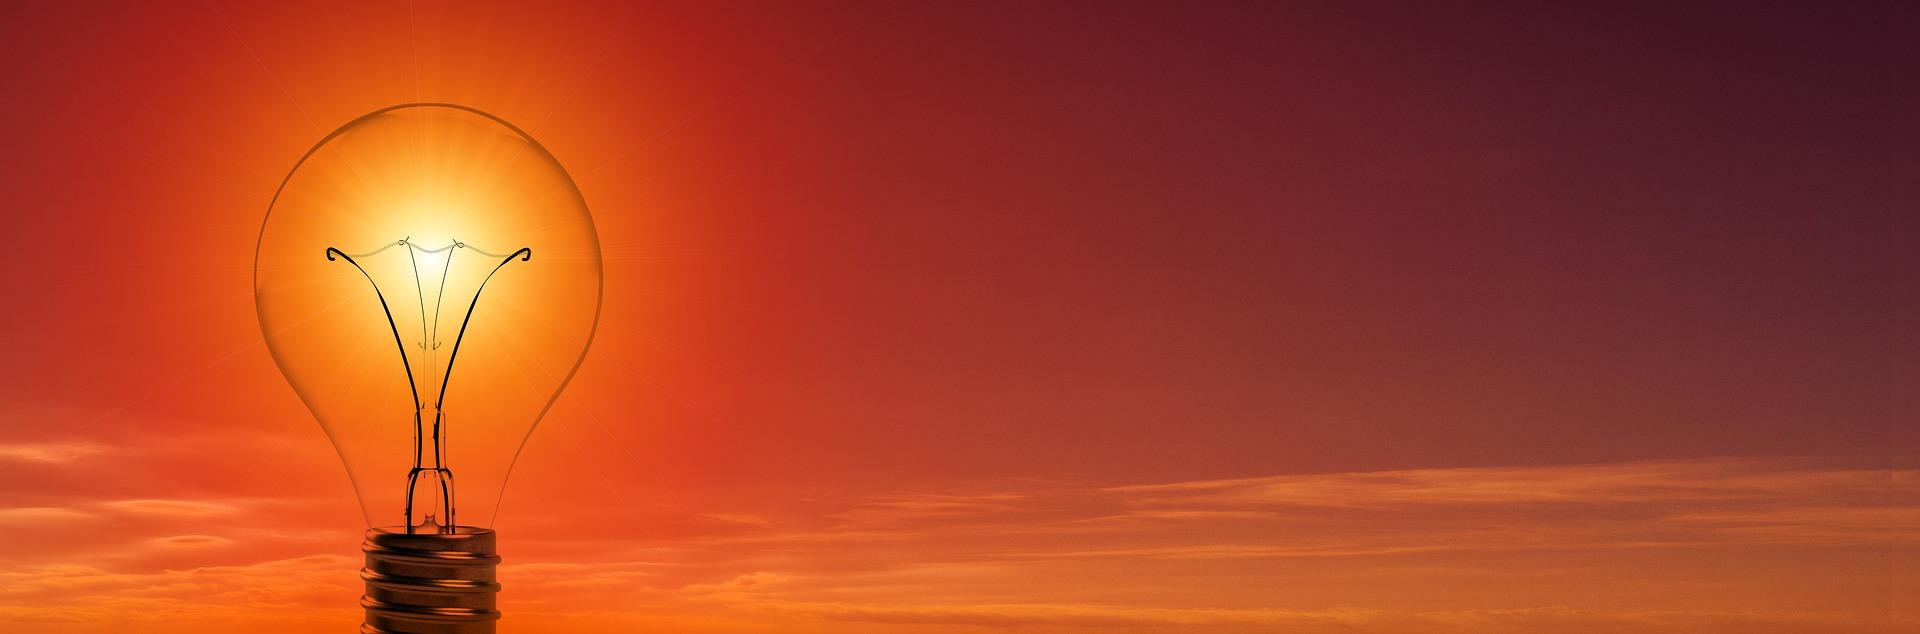 História da energia solar – Como tudo começou!